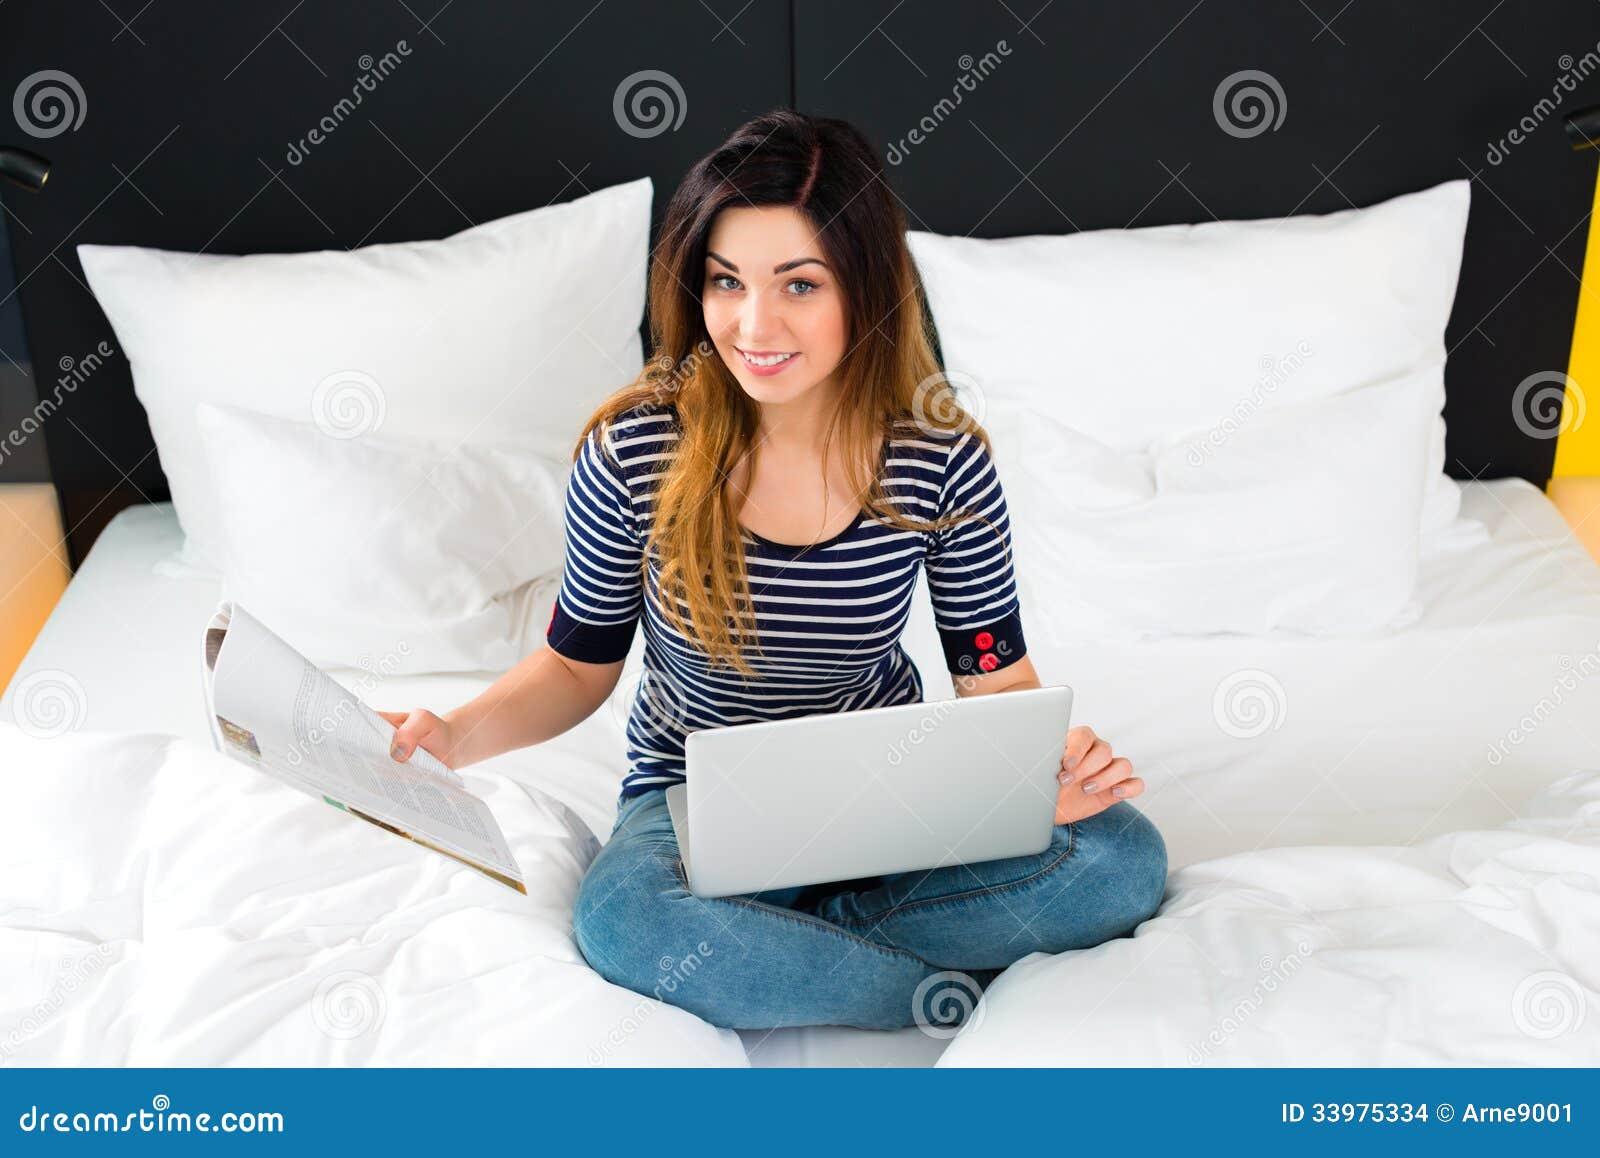 情趣在旅馆里在少妇与wifi和计算机床上大乳房图片